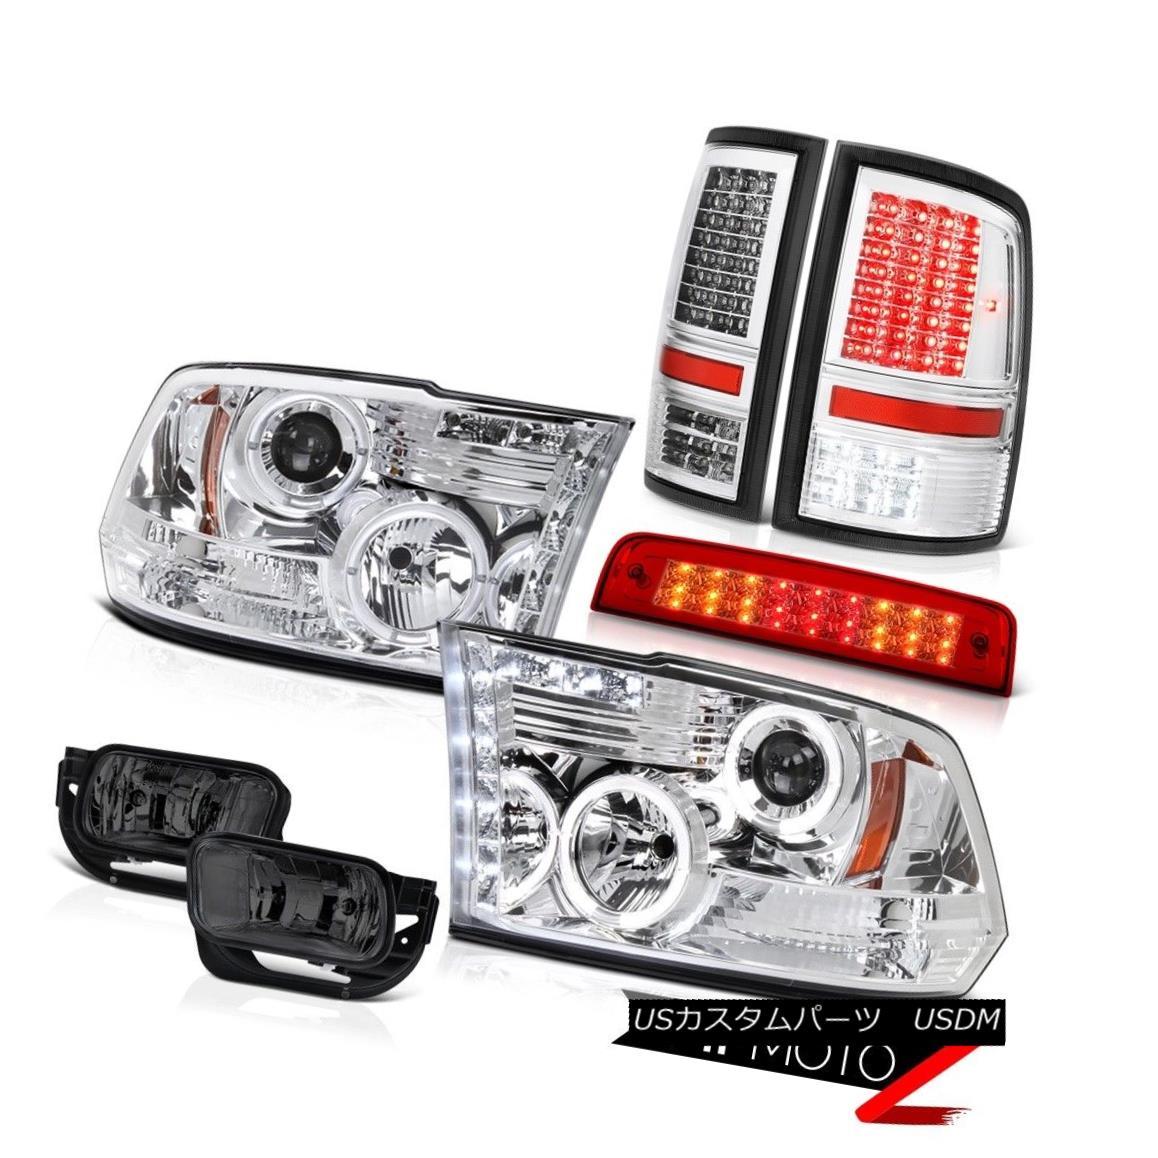 ヘッドライト 2009-2013 Ram 1500 SLT Red High Stop Lamp Taillamps Smoked Foglights Headlights 2009-2013 Ram 1500 SLTレッドハイストップランプタイルランプスモークフォグライトヘッドライト